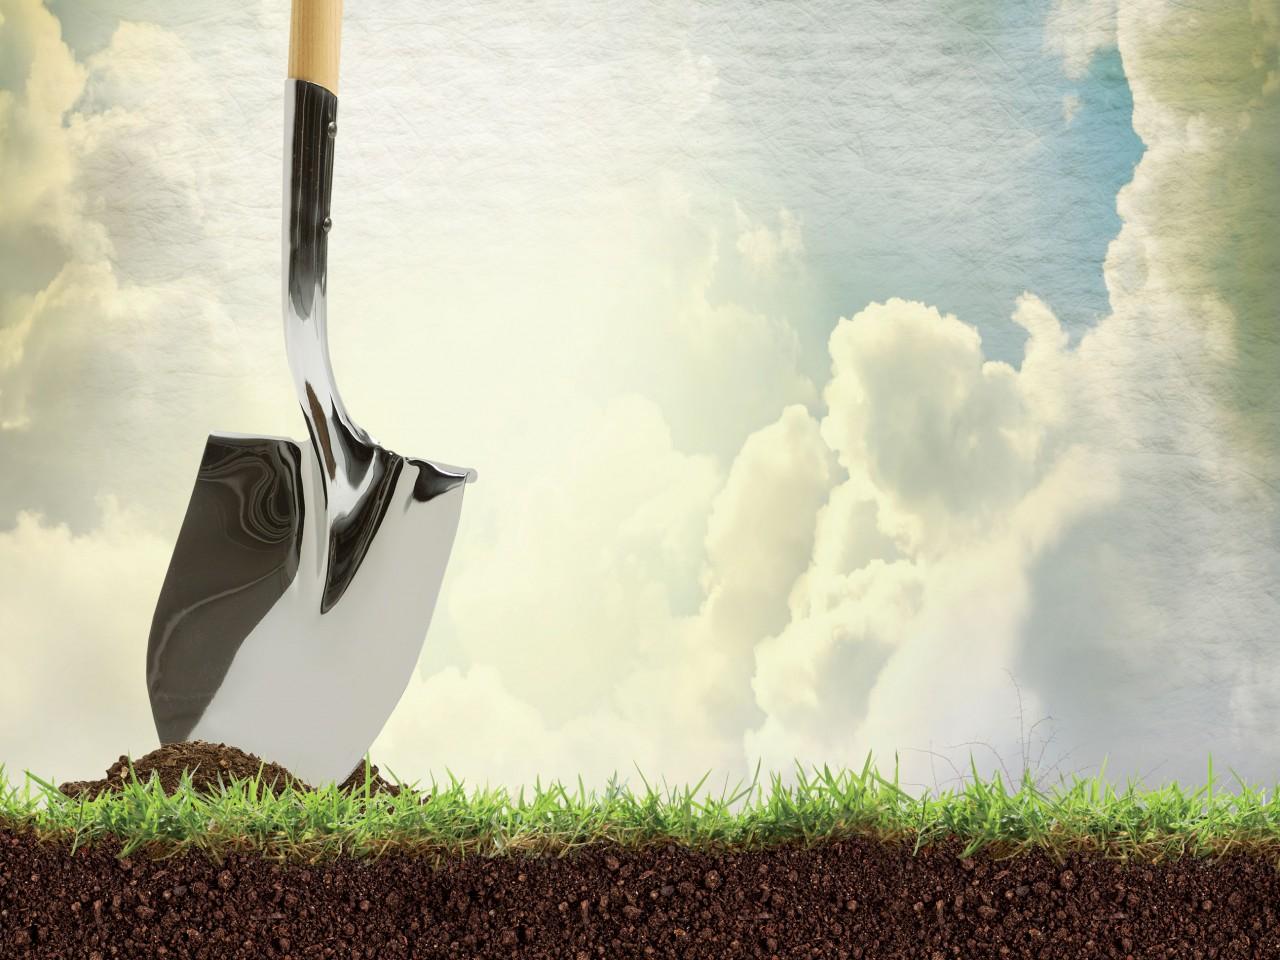 Ground breaking for the Gospel